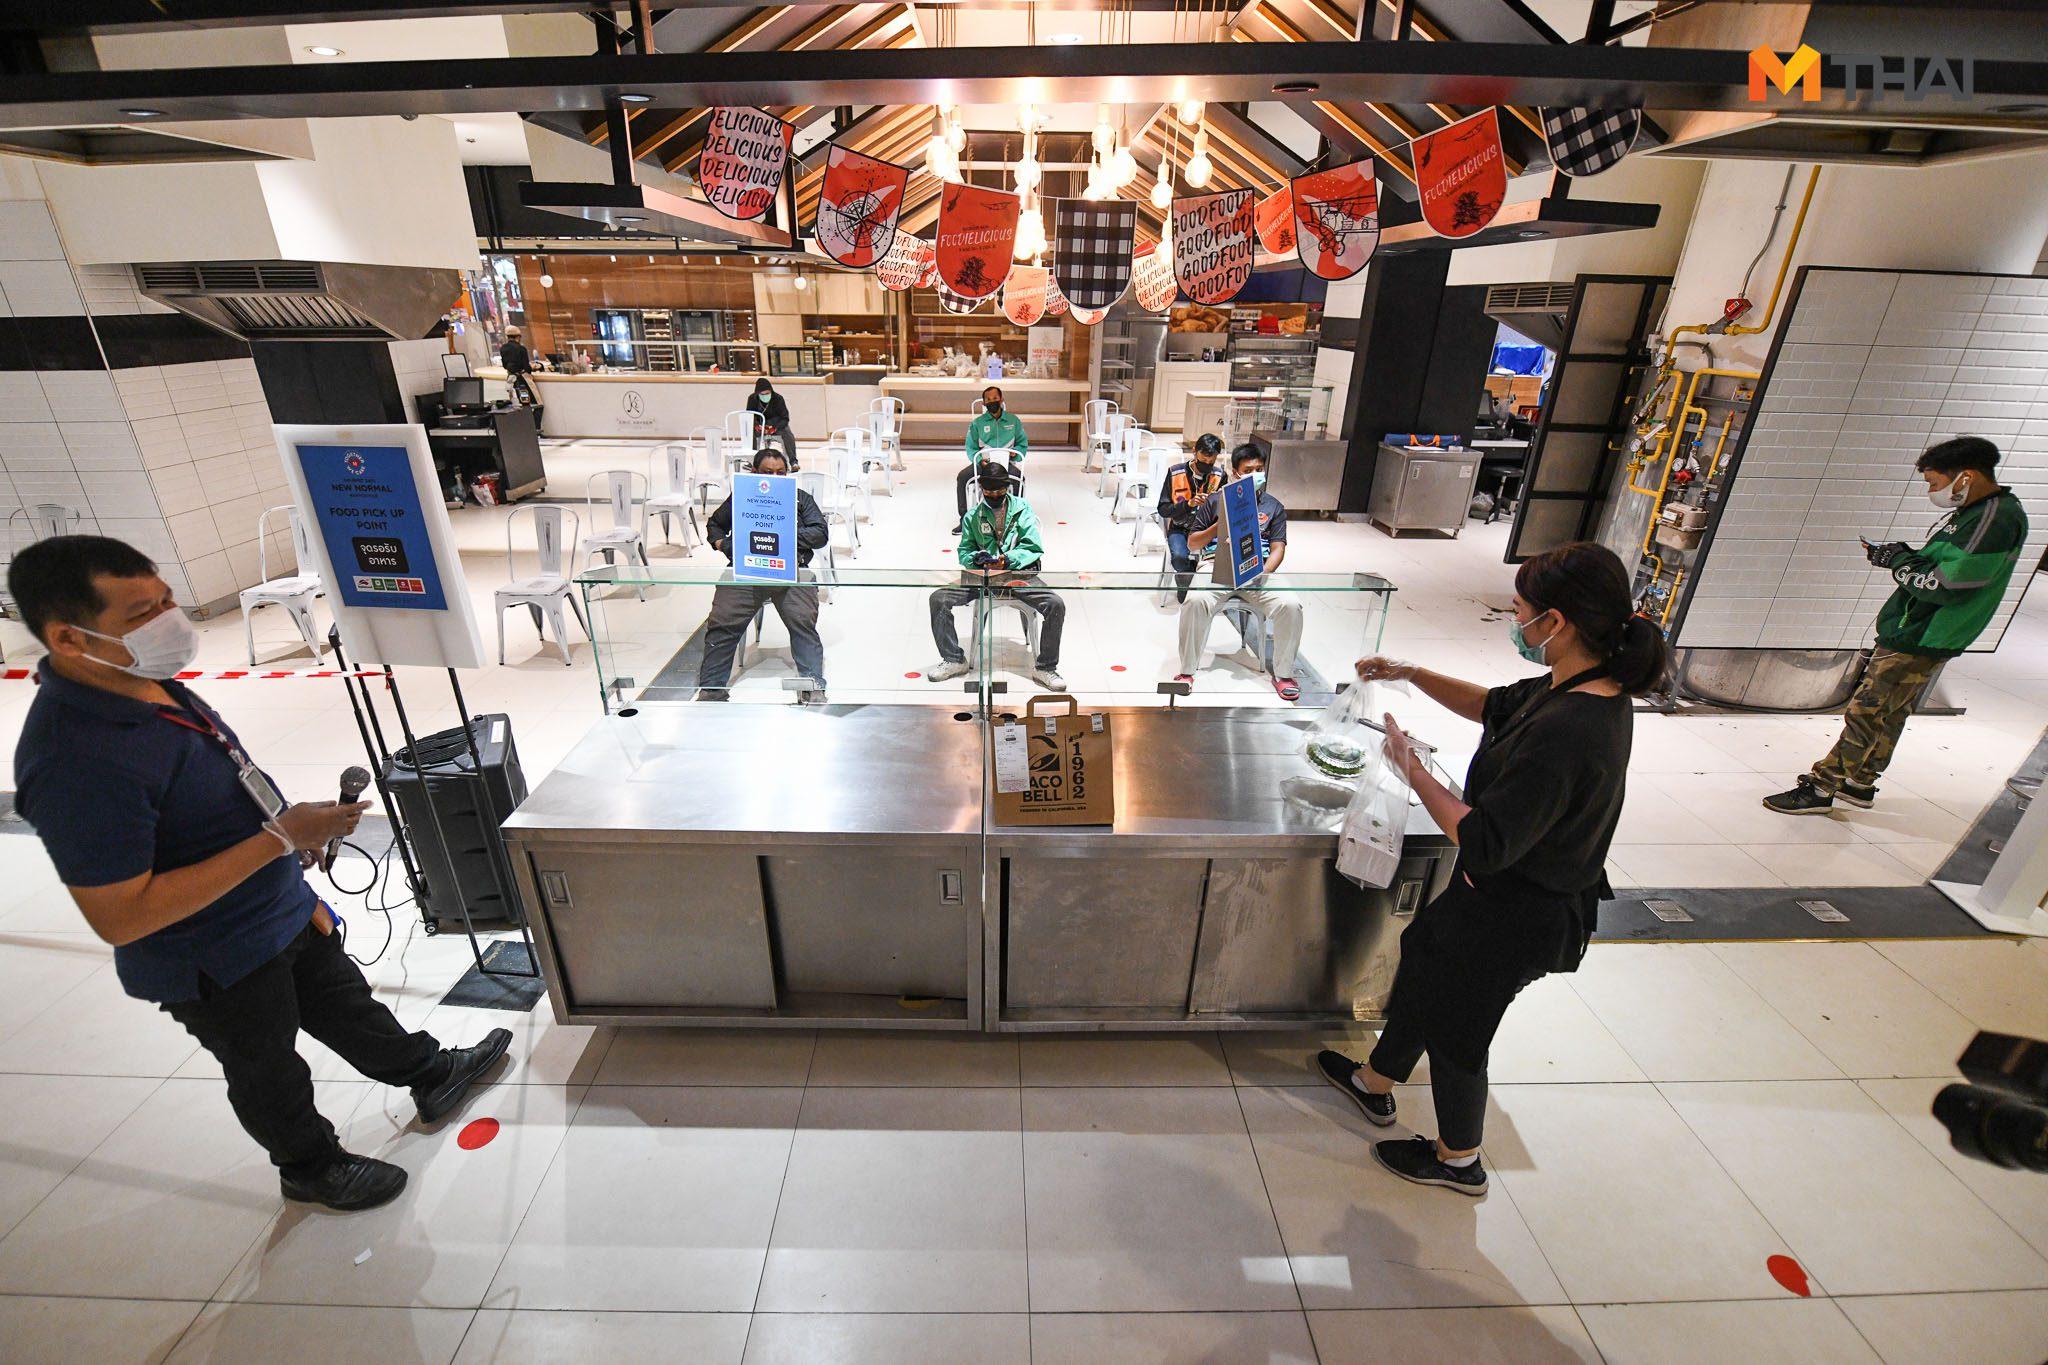 เริ่มวันแรก!! มาตรการผ่อนคลายร้านอาหาร สั่งผ่านแอปฯเท่านั้น